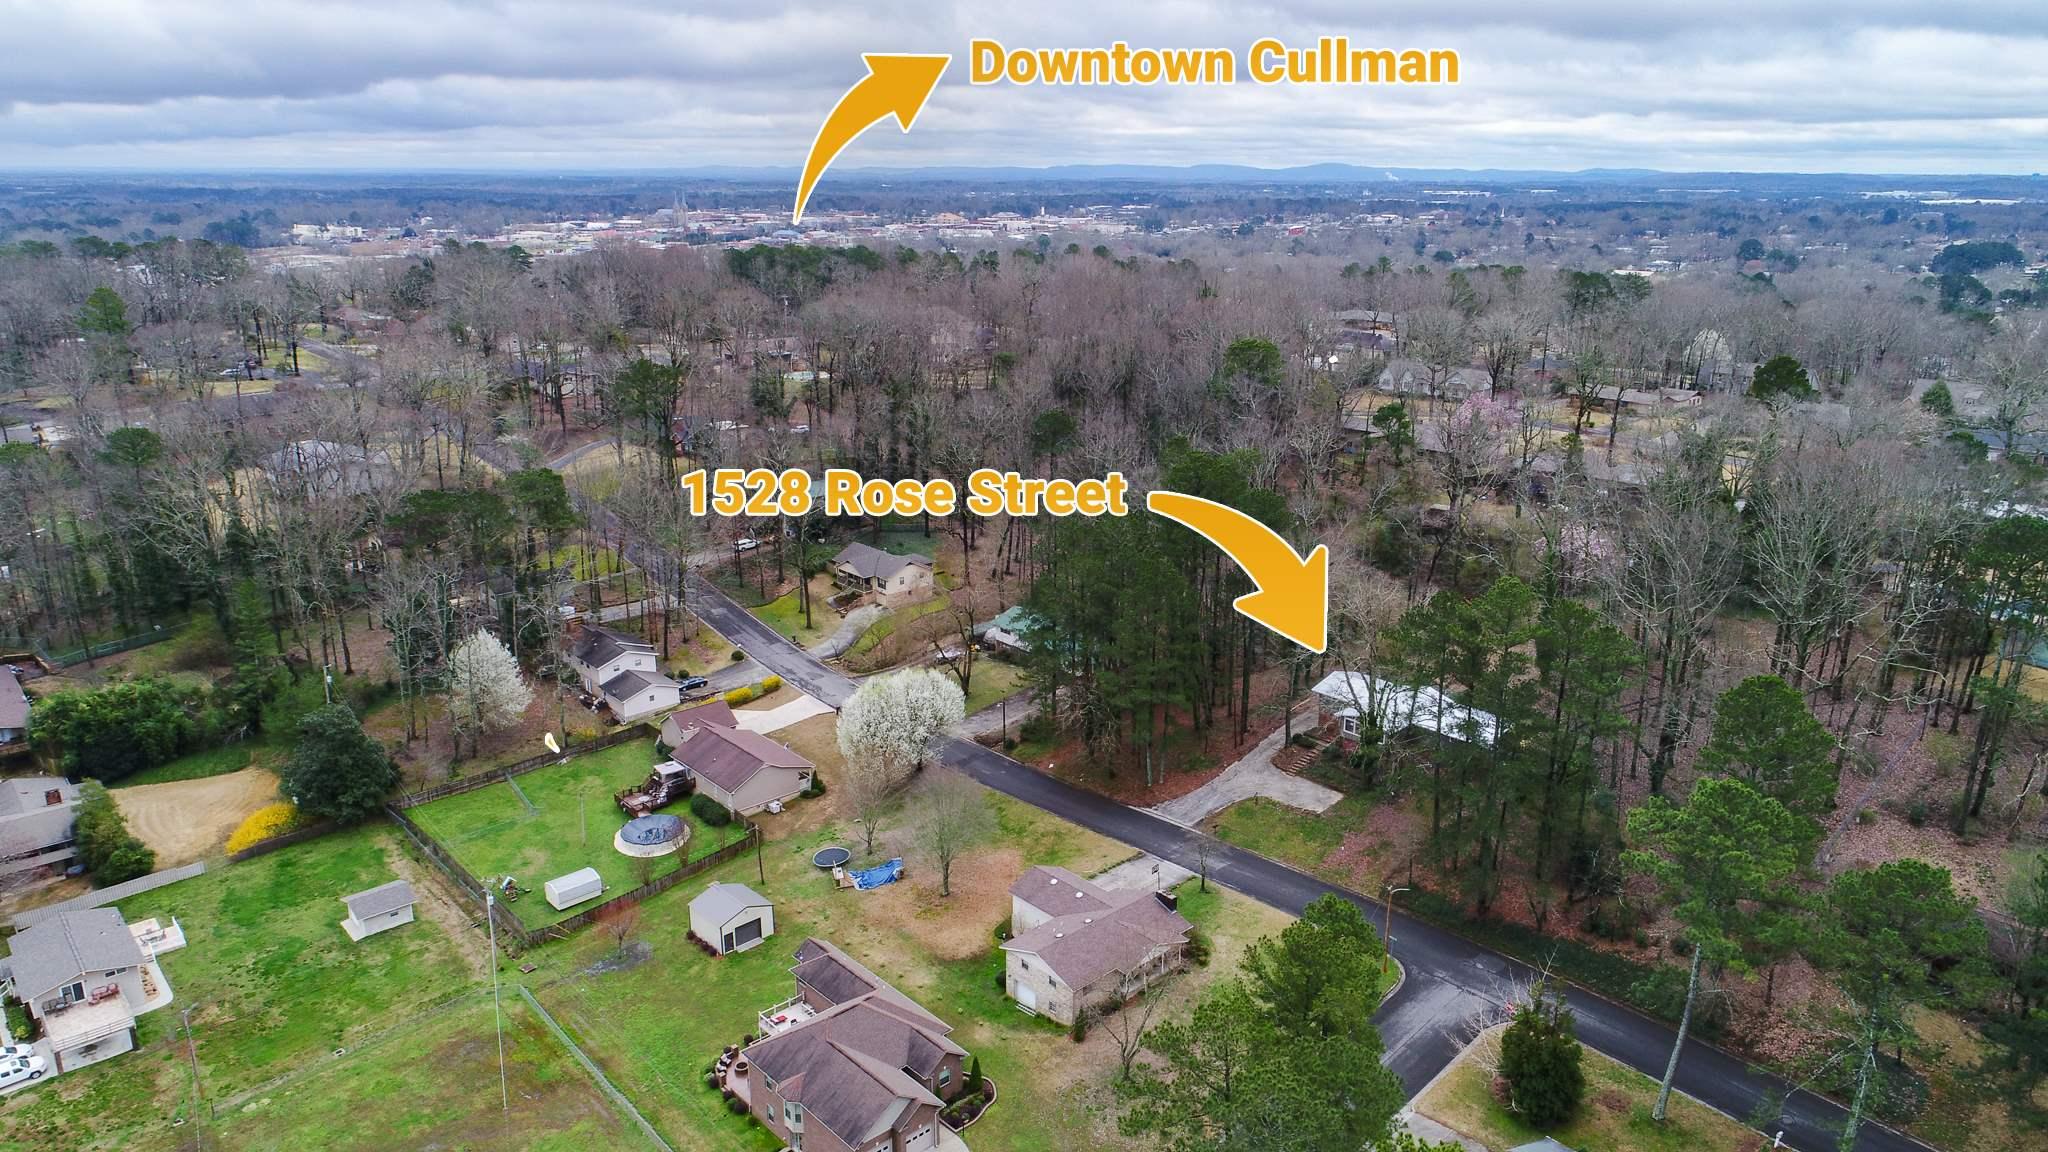 1528 Rose Street, NW, Cullman, AL 35055